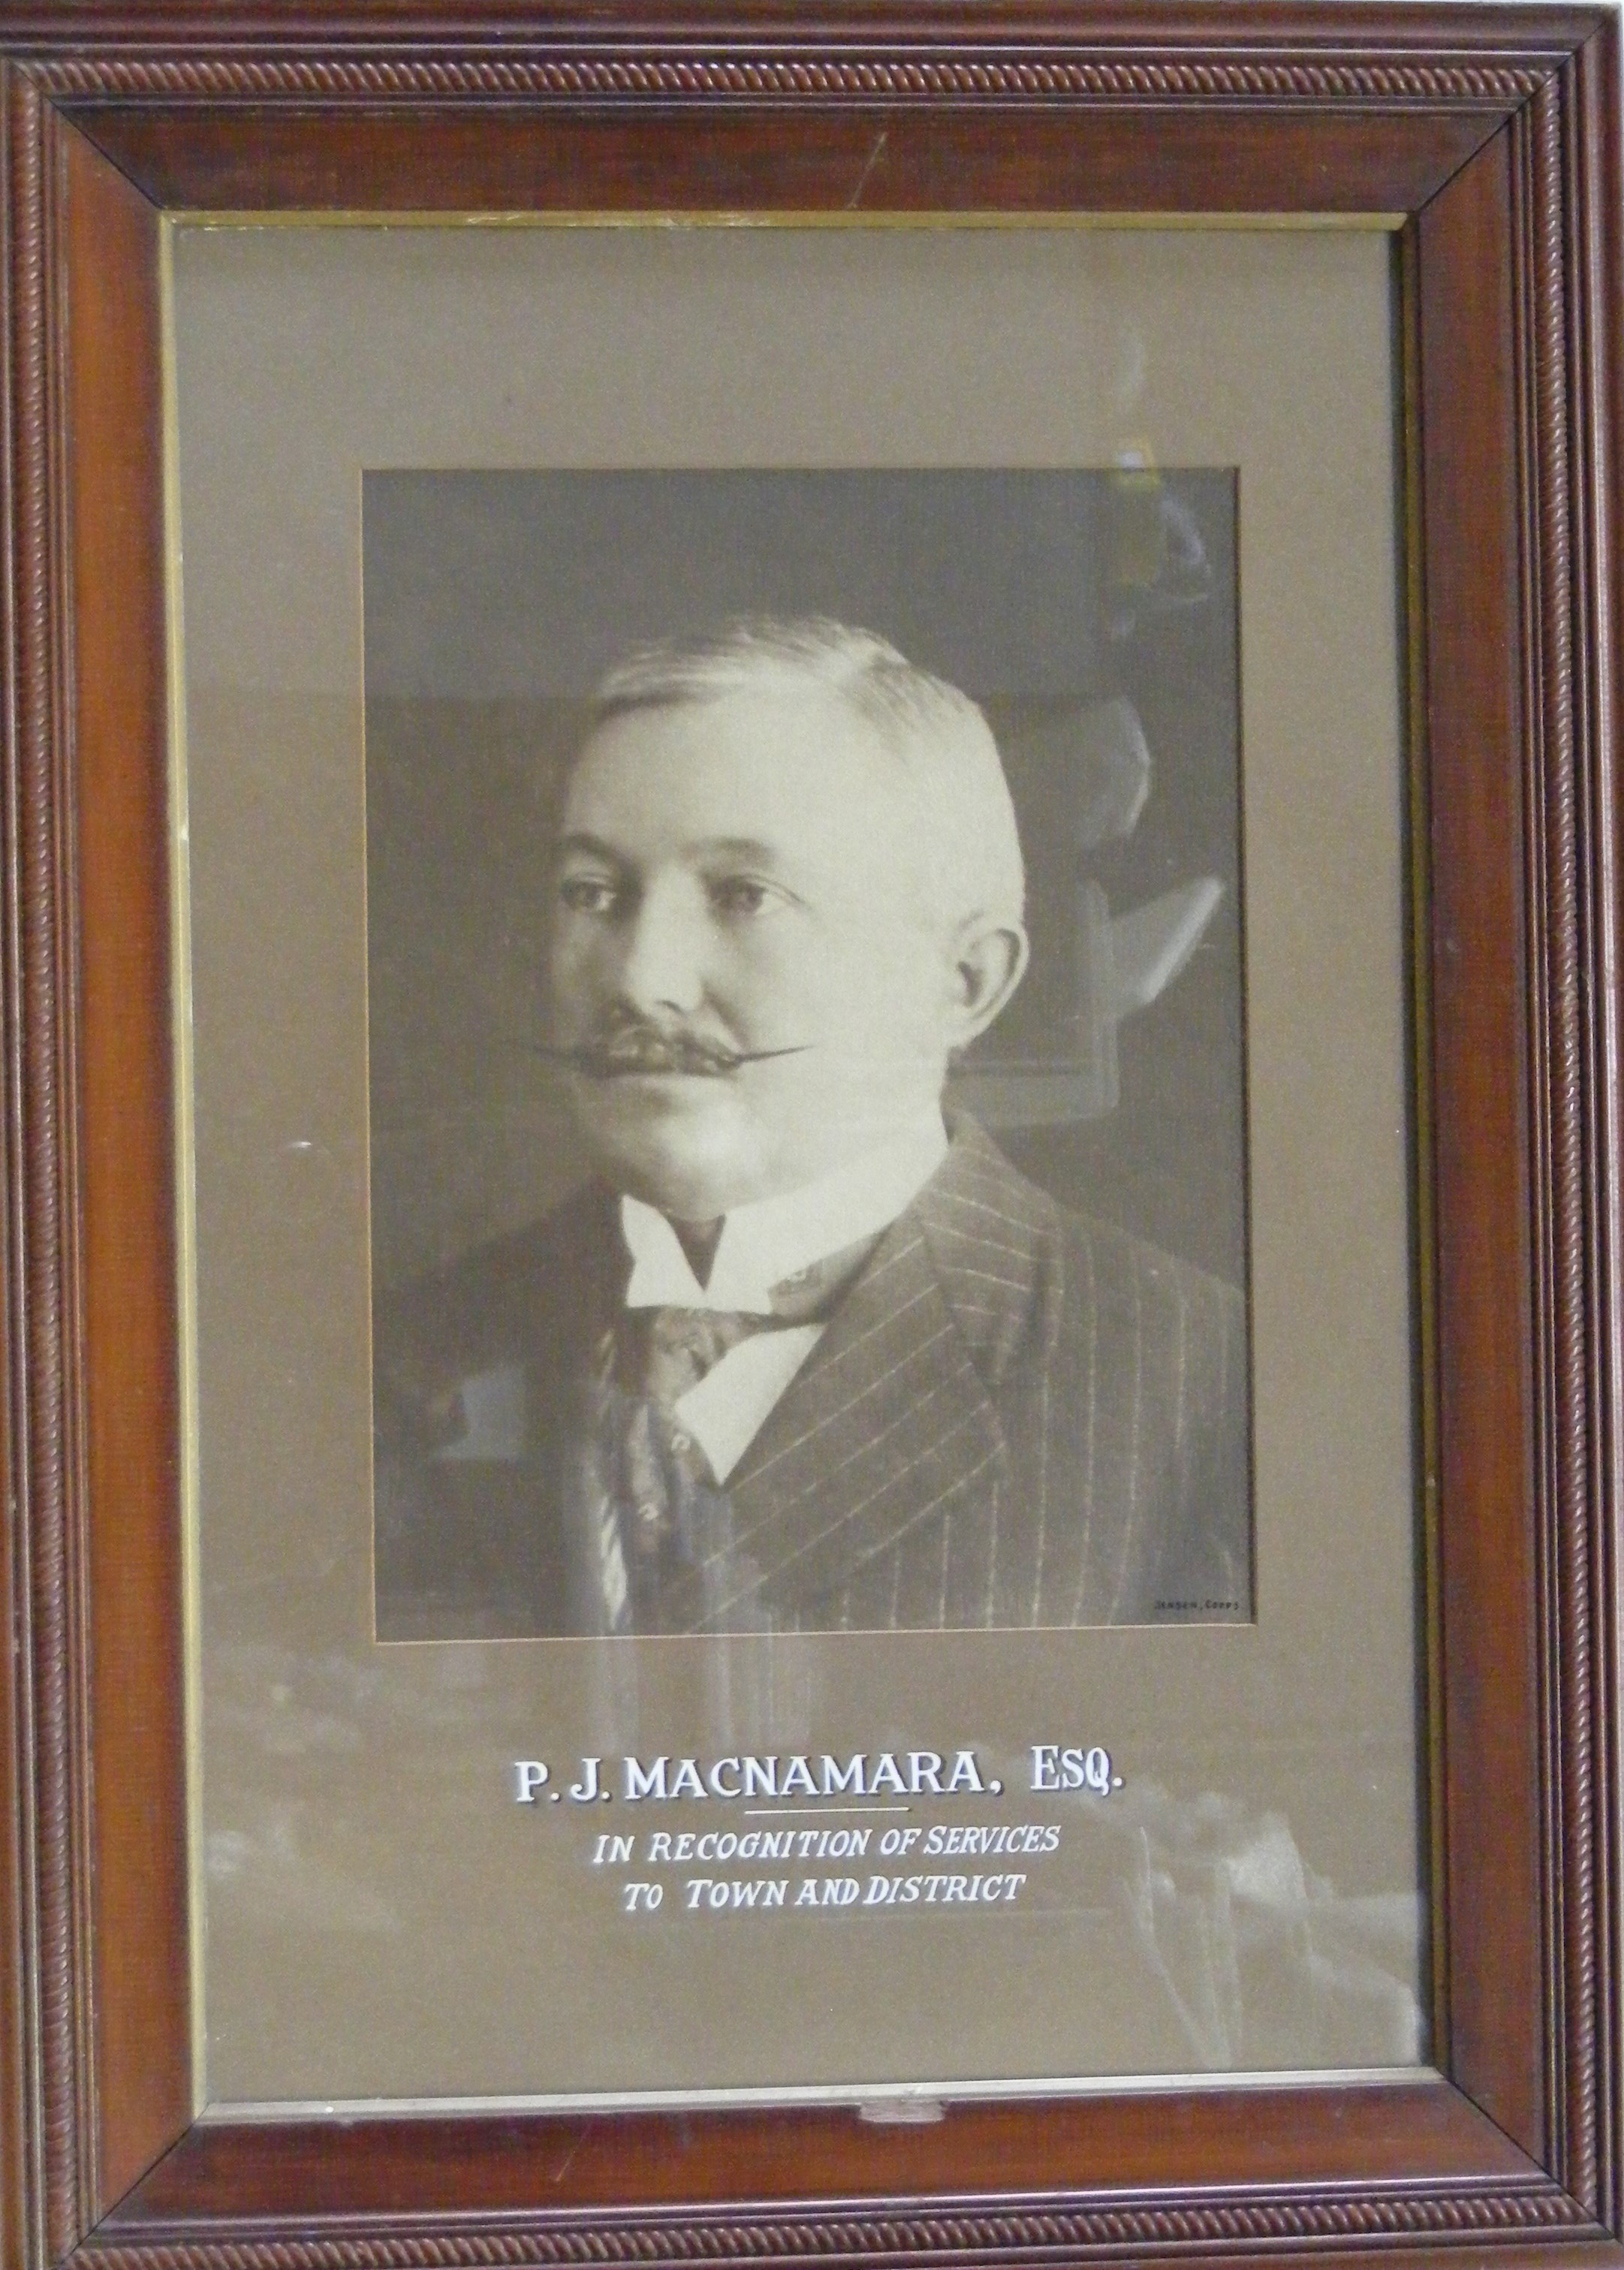 P. J. McNamara